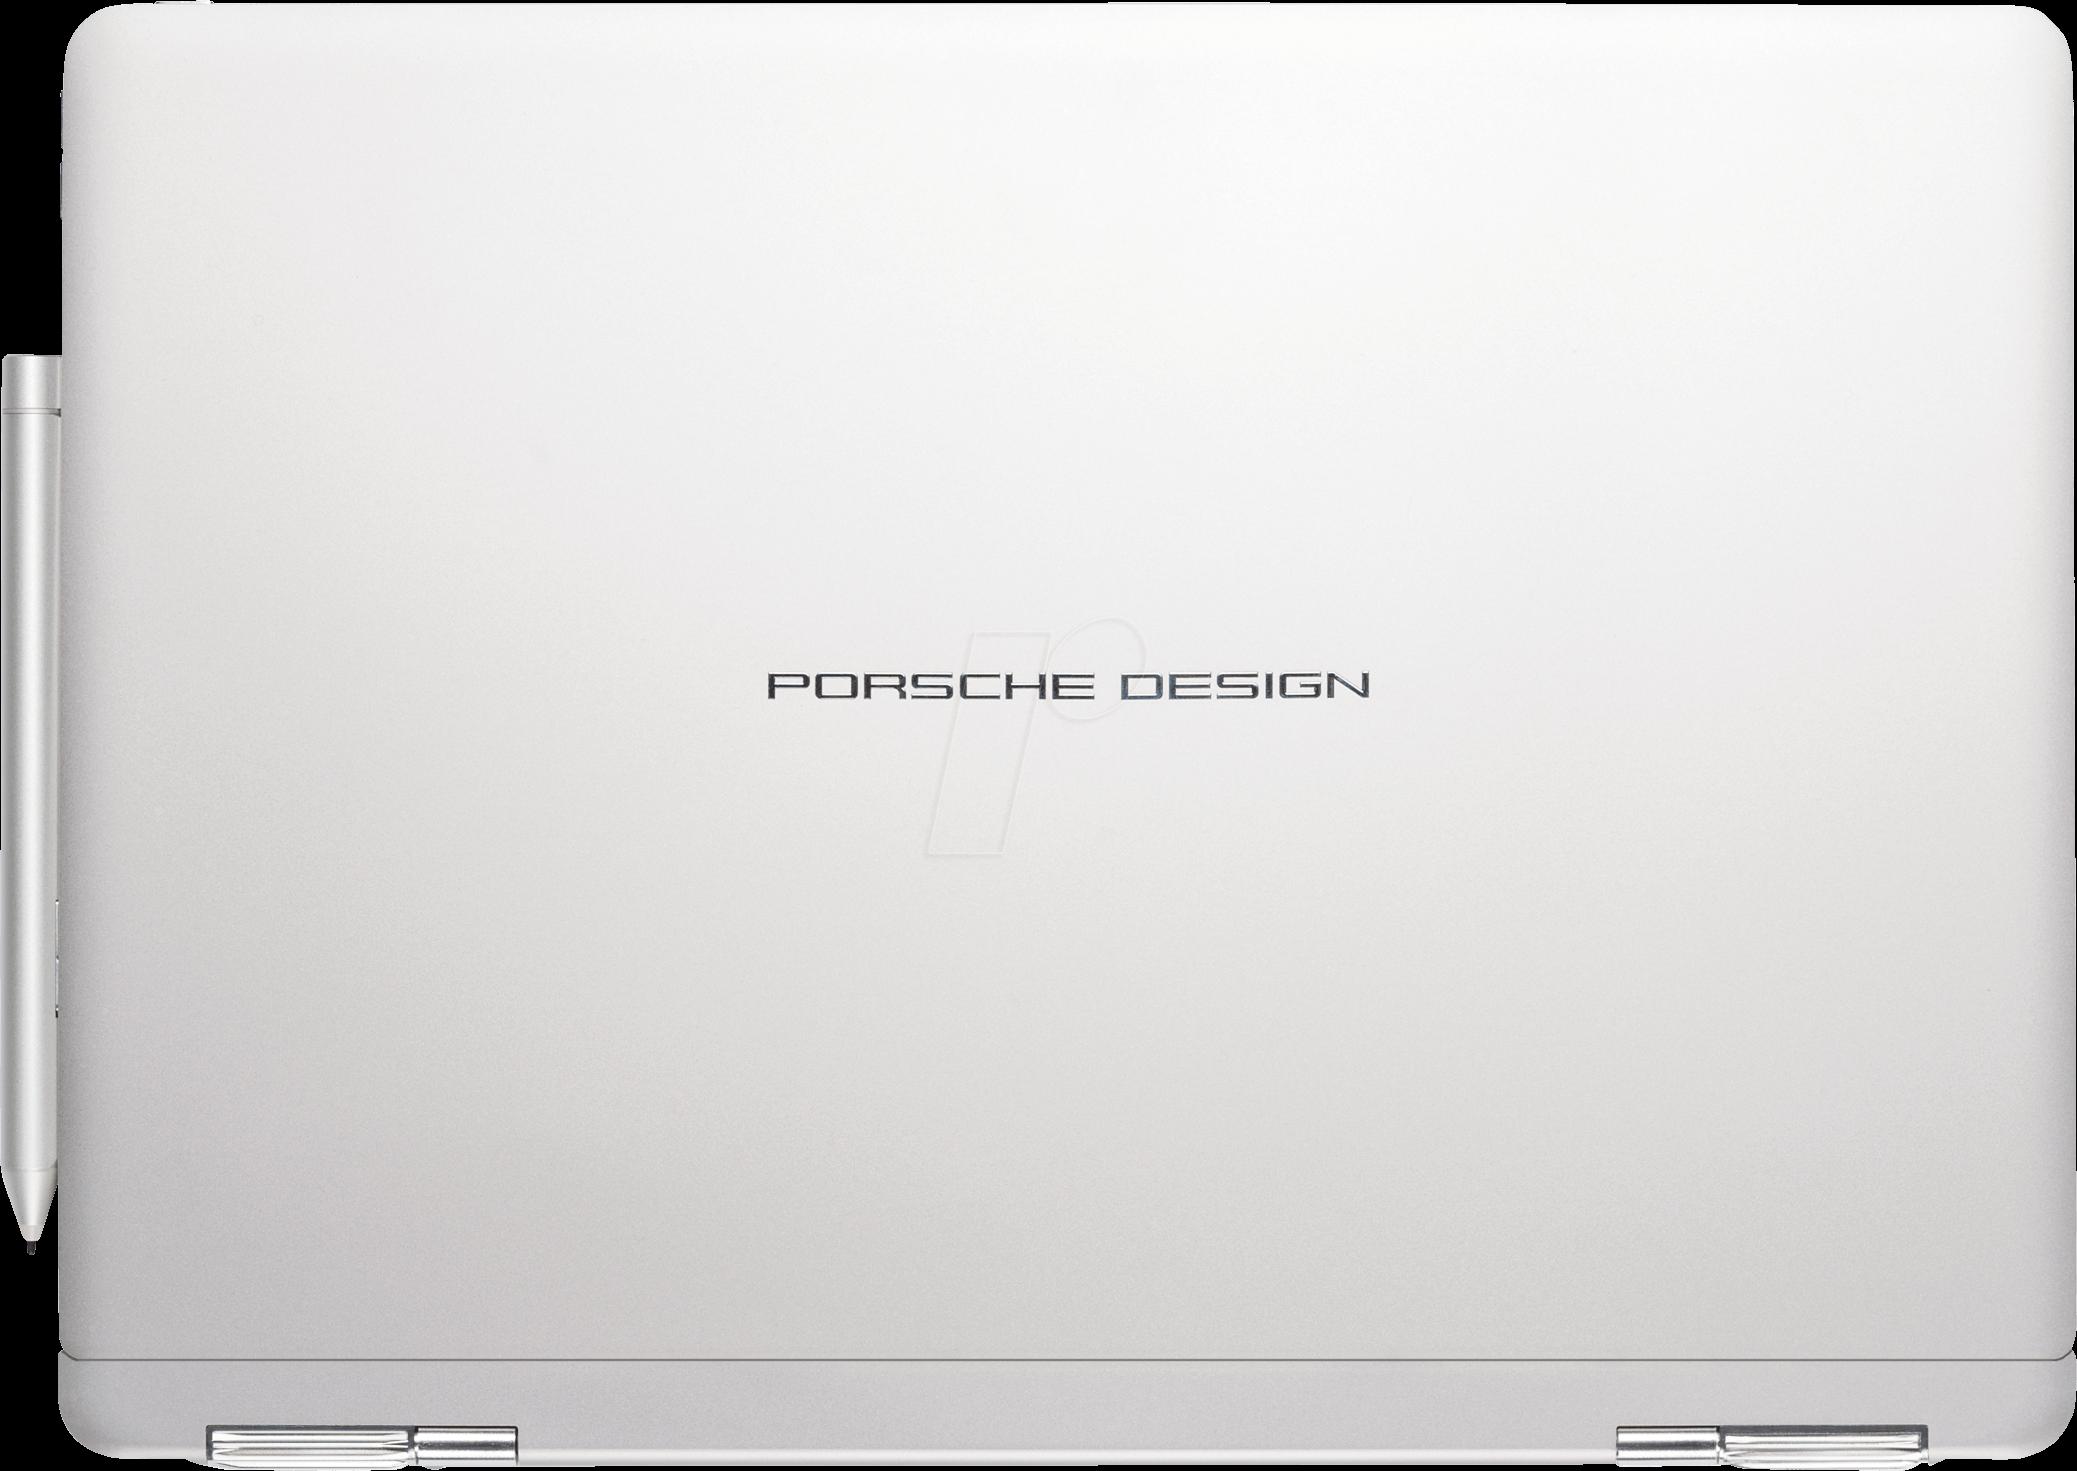 https://cdn-reichelt.de/bilder/web/xxl_ws/E910/PORSCHE_DESIGN_BOOK_ONE_10.png